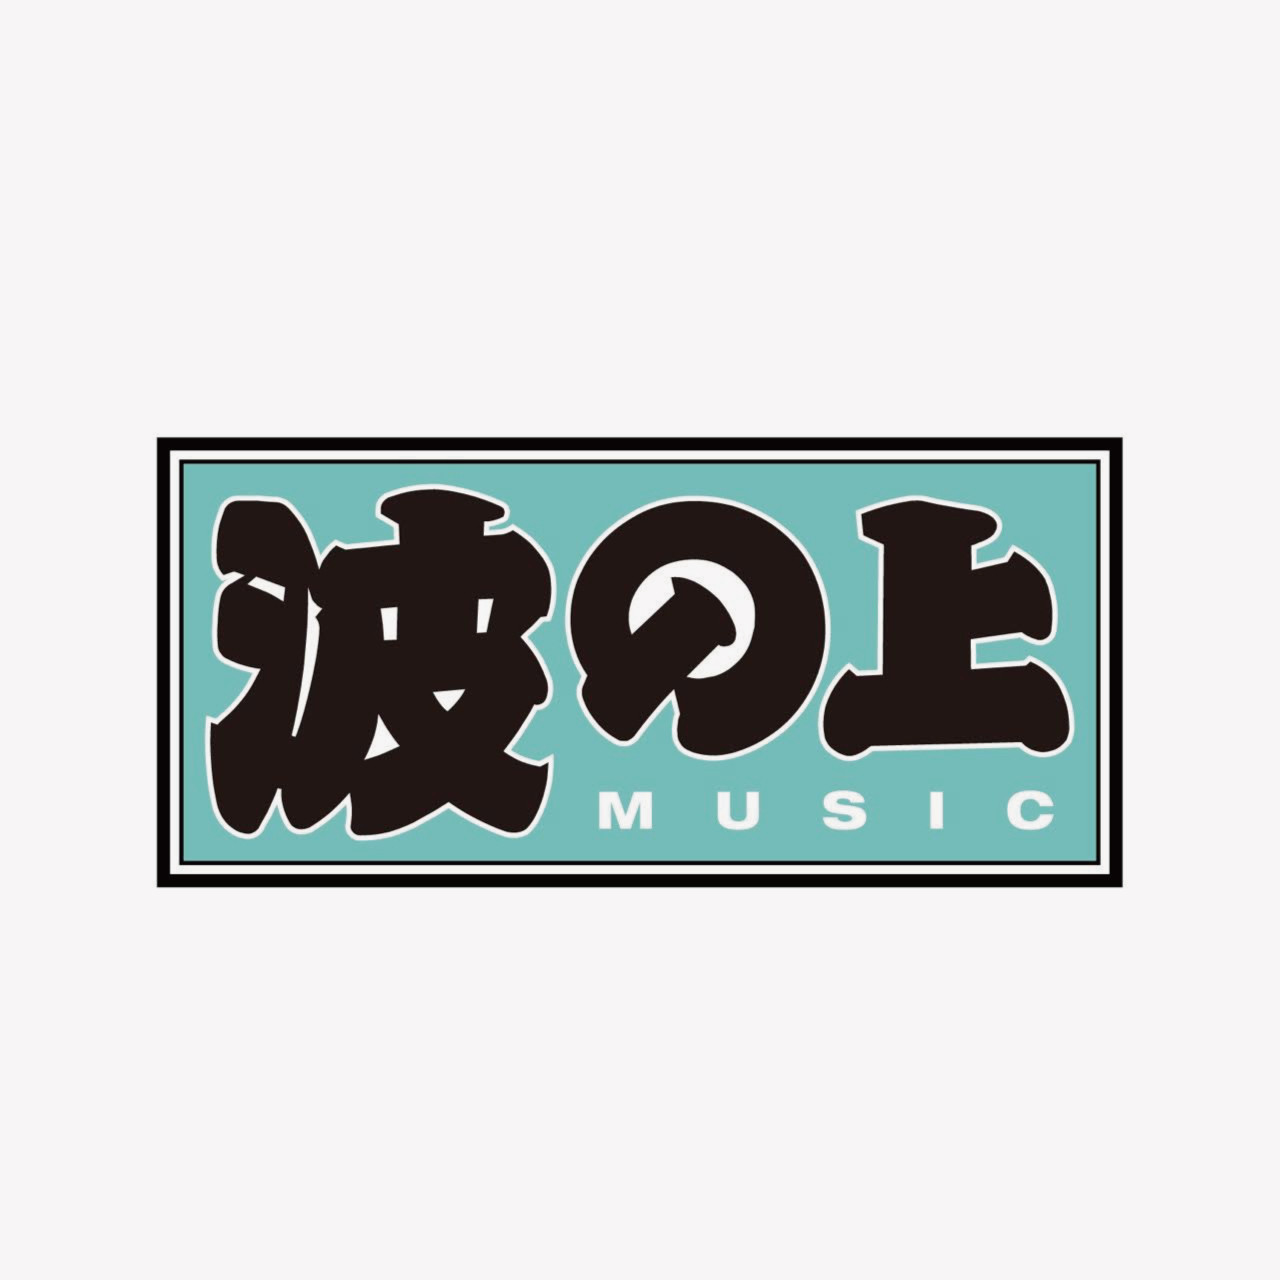 紹介「波の上music」